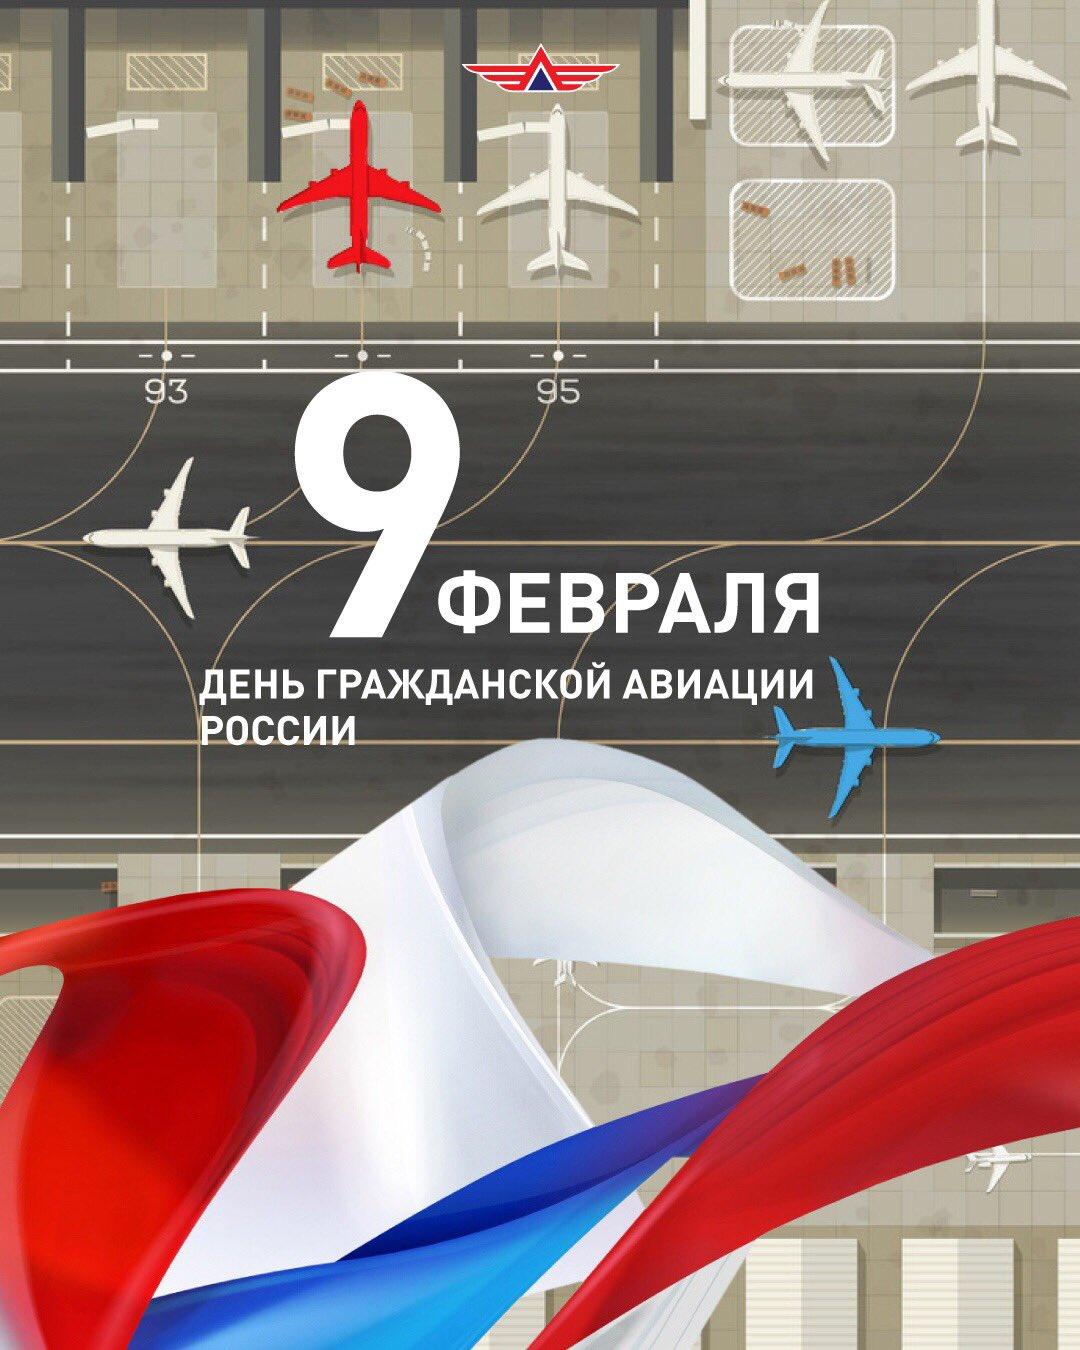 Поздравления к дню гражданской авиации. поздравления с днем авиации россии. прикольные поздравления с днем гражданской авиации в стихах и прозе